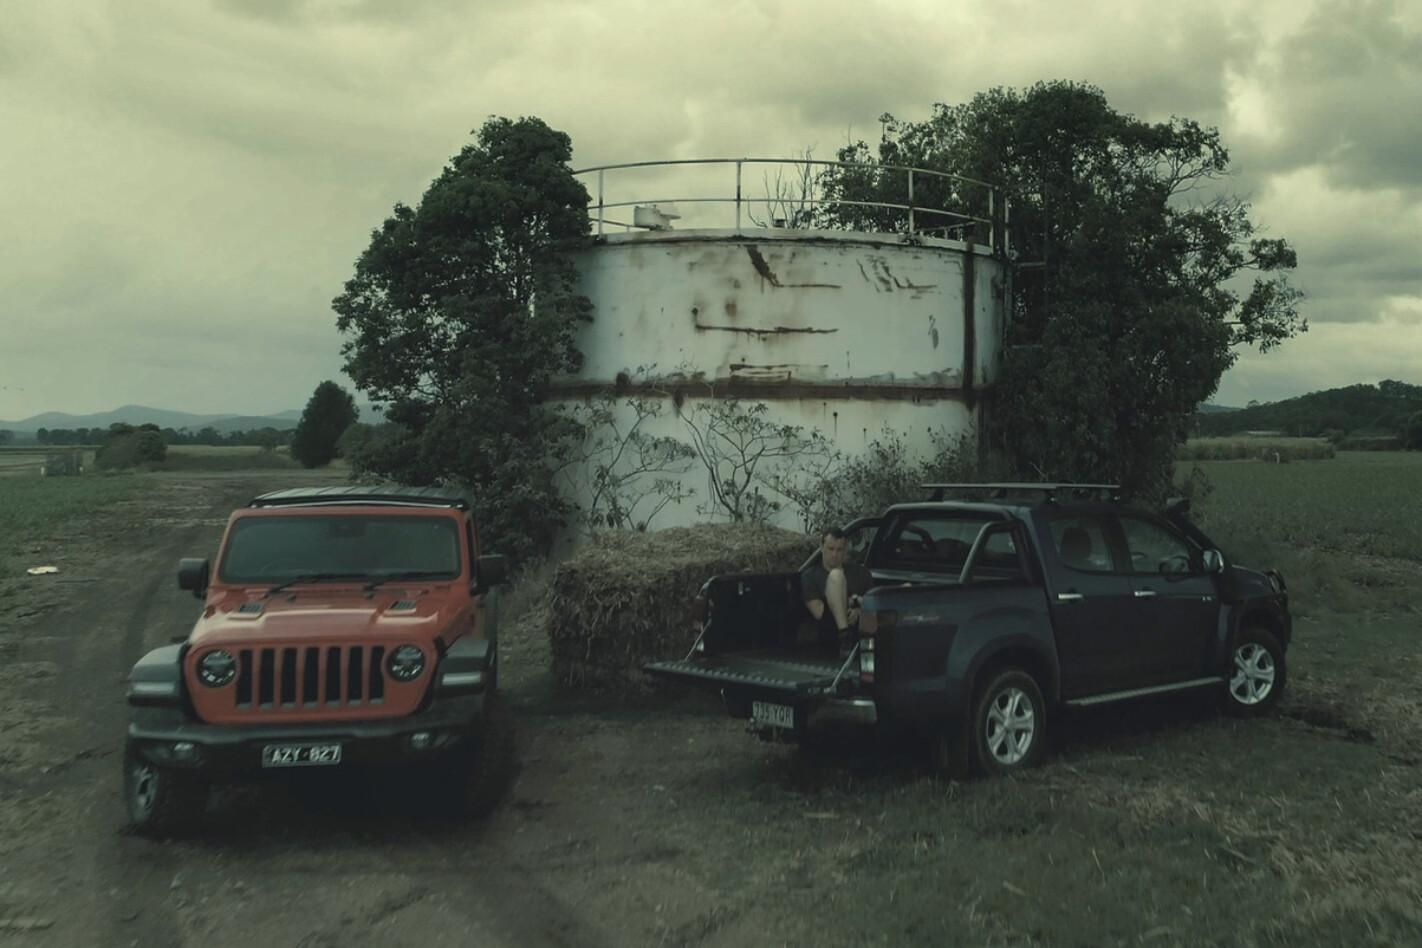 Wrangler vs D-Max zombie apocalypse